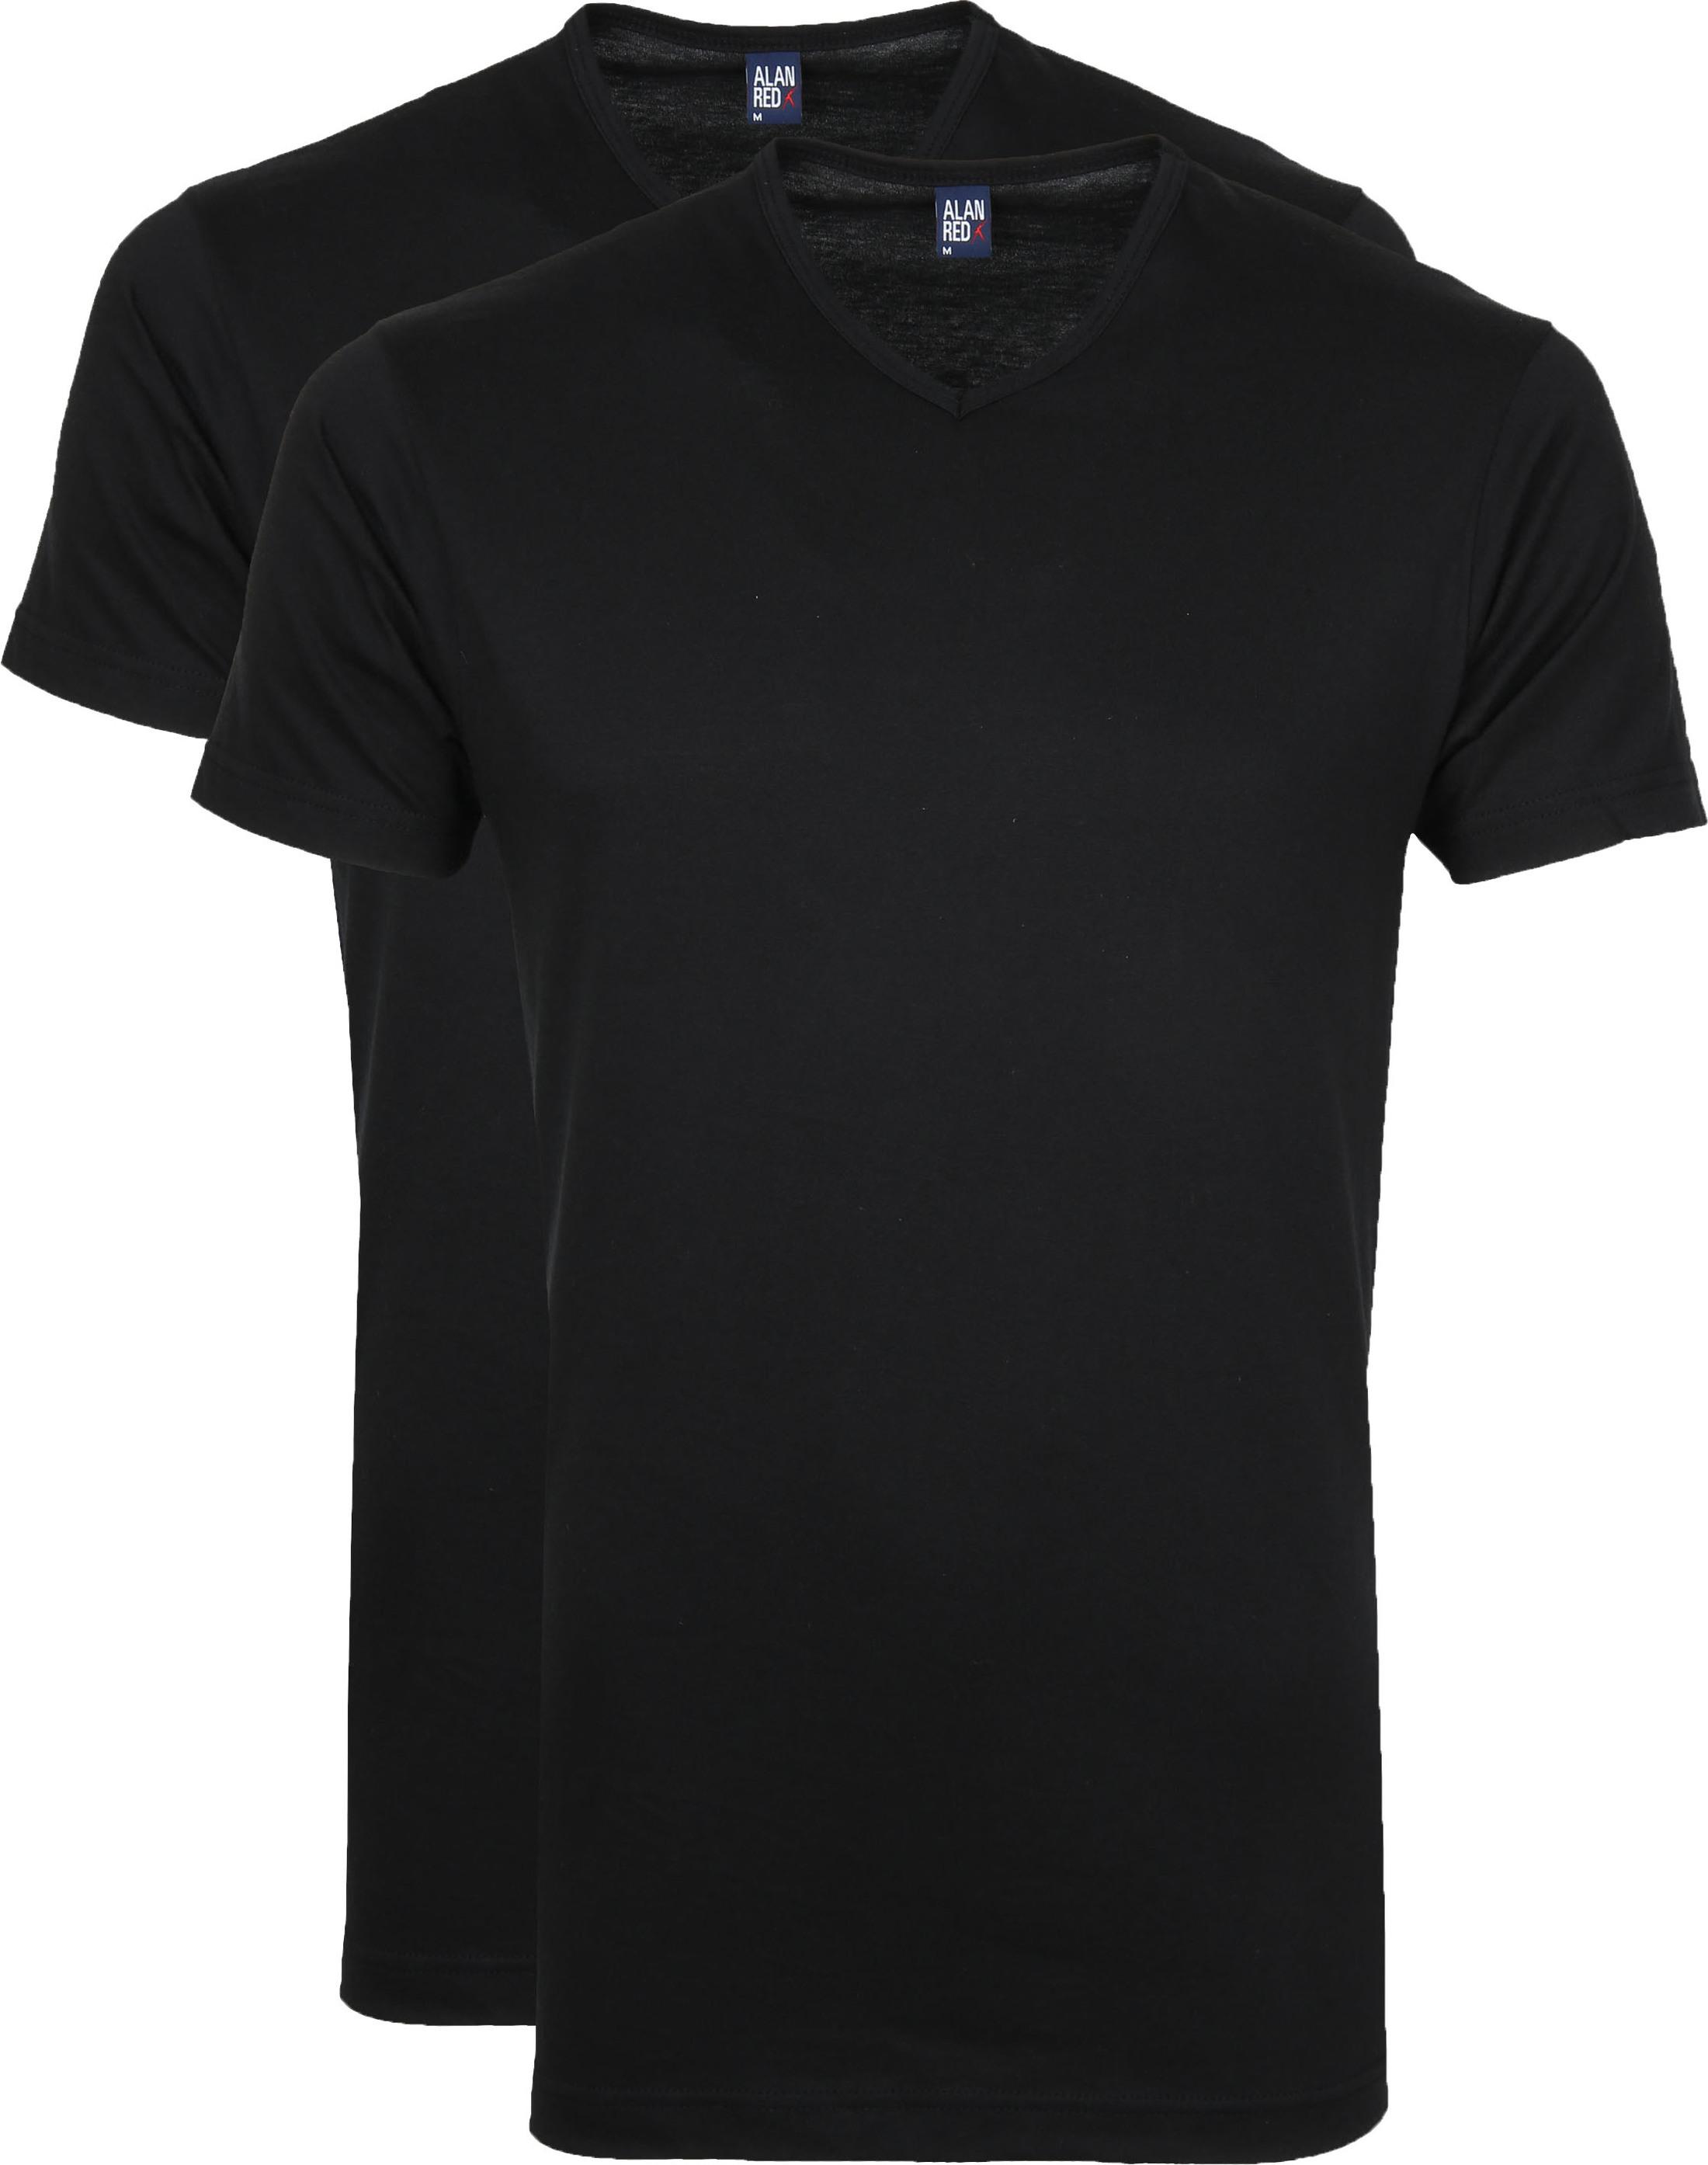 Alan Red T-Shirt V-Hals Vermont Zwart (2pack)